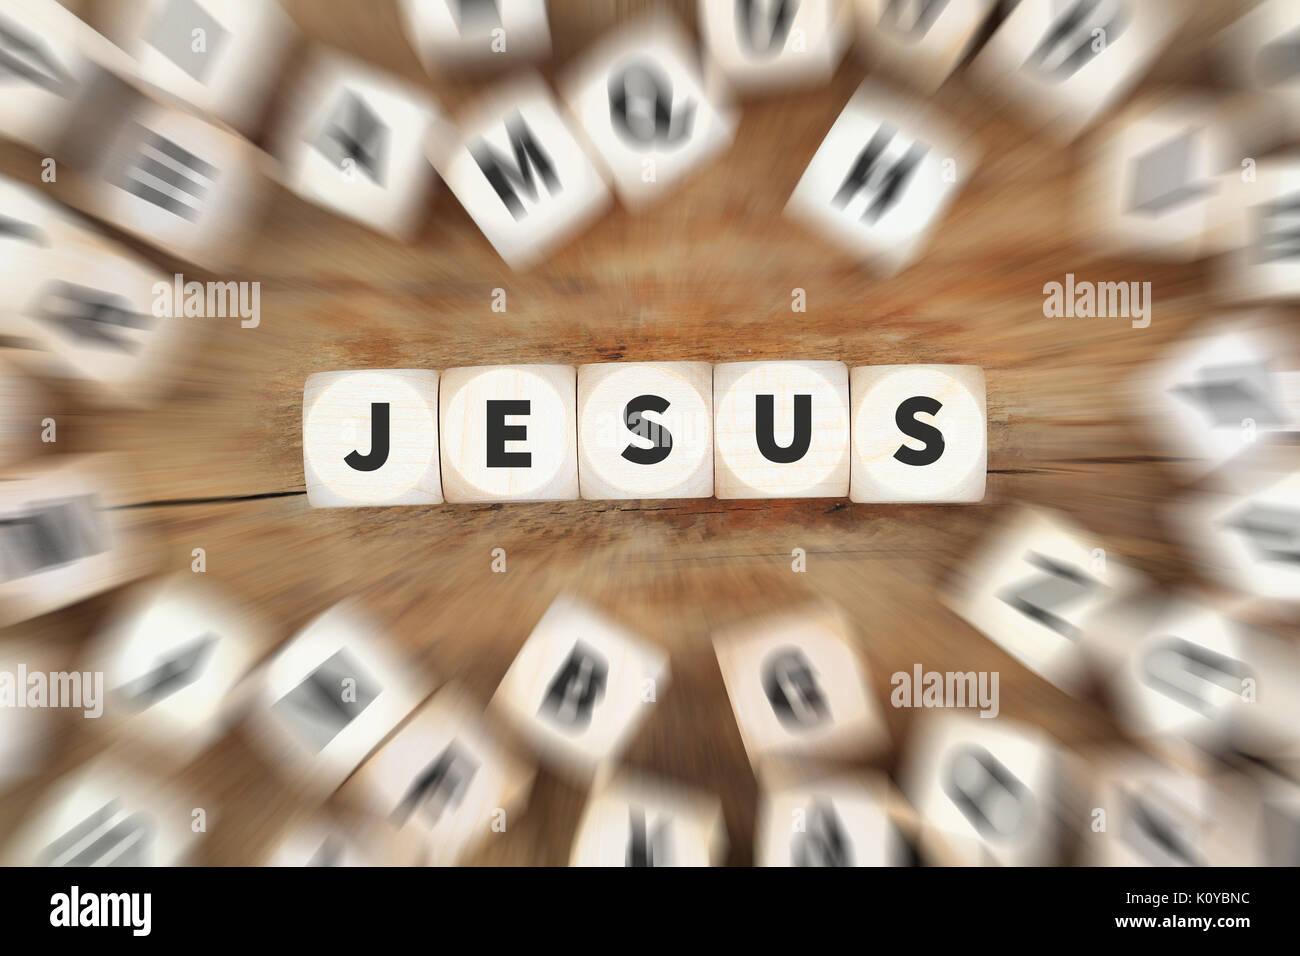 Gesù Dio credono convinzione religiosa chiesa speranza dice concetto business idea Immagini Stock